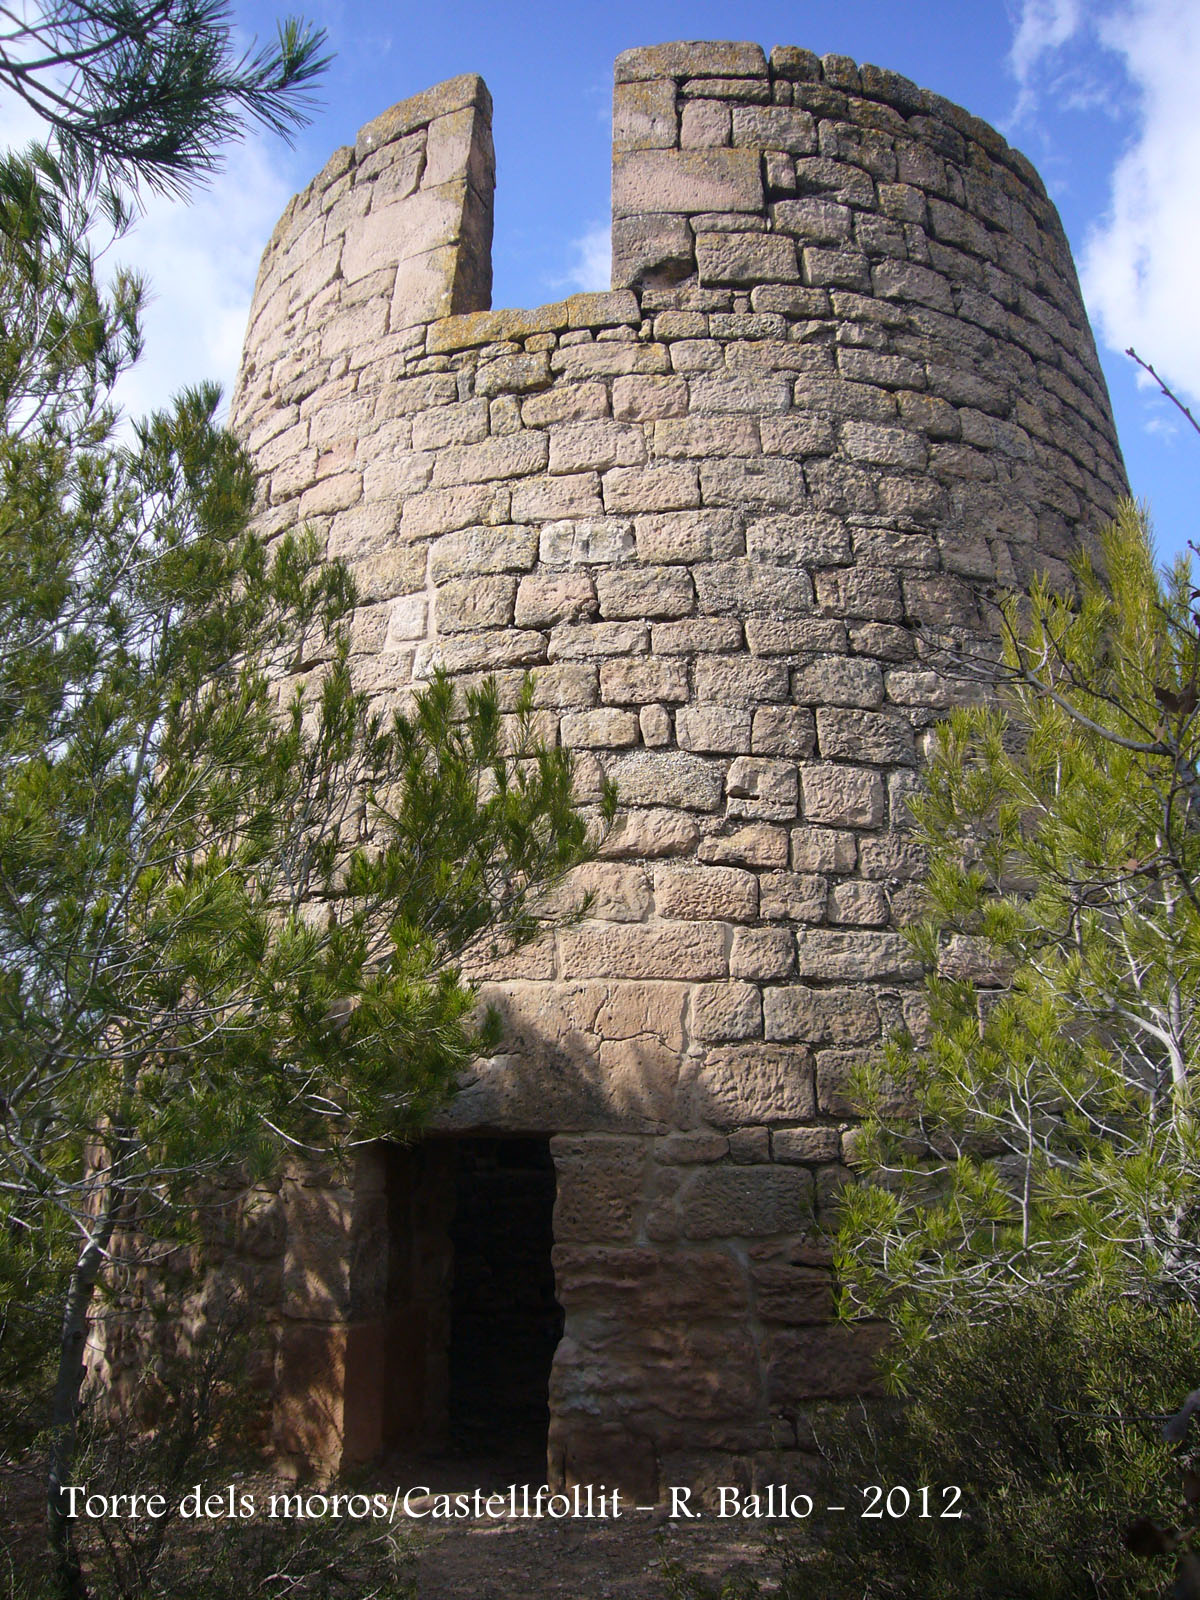 torre-dels-moros-castellfollit-del-boix-120217_503